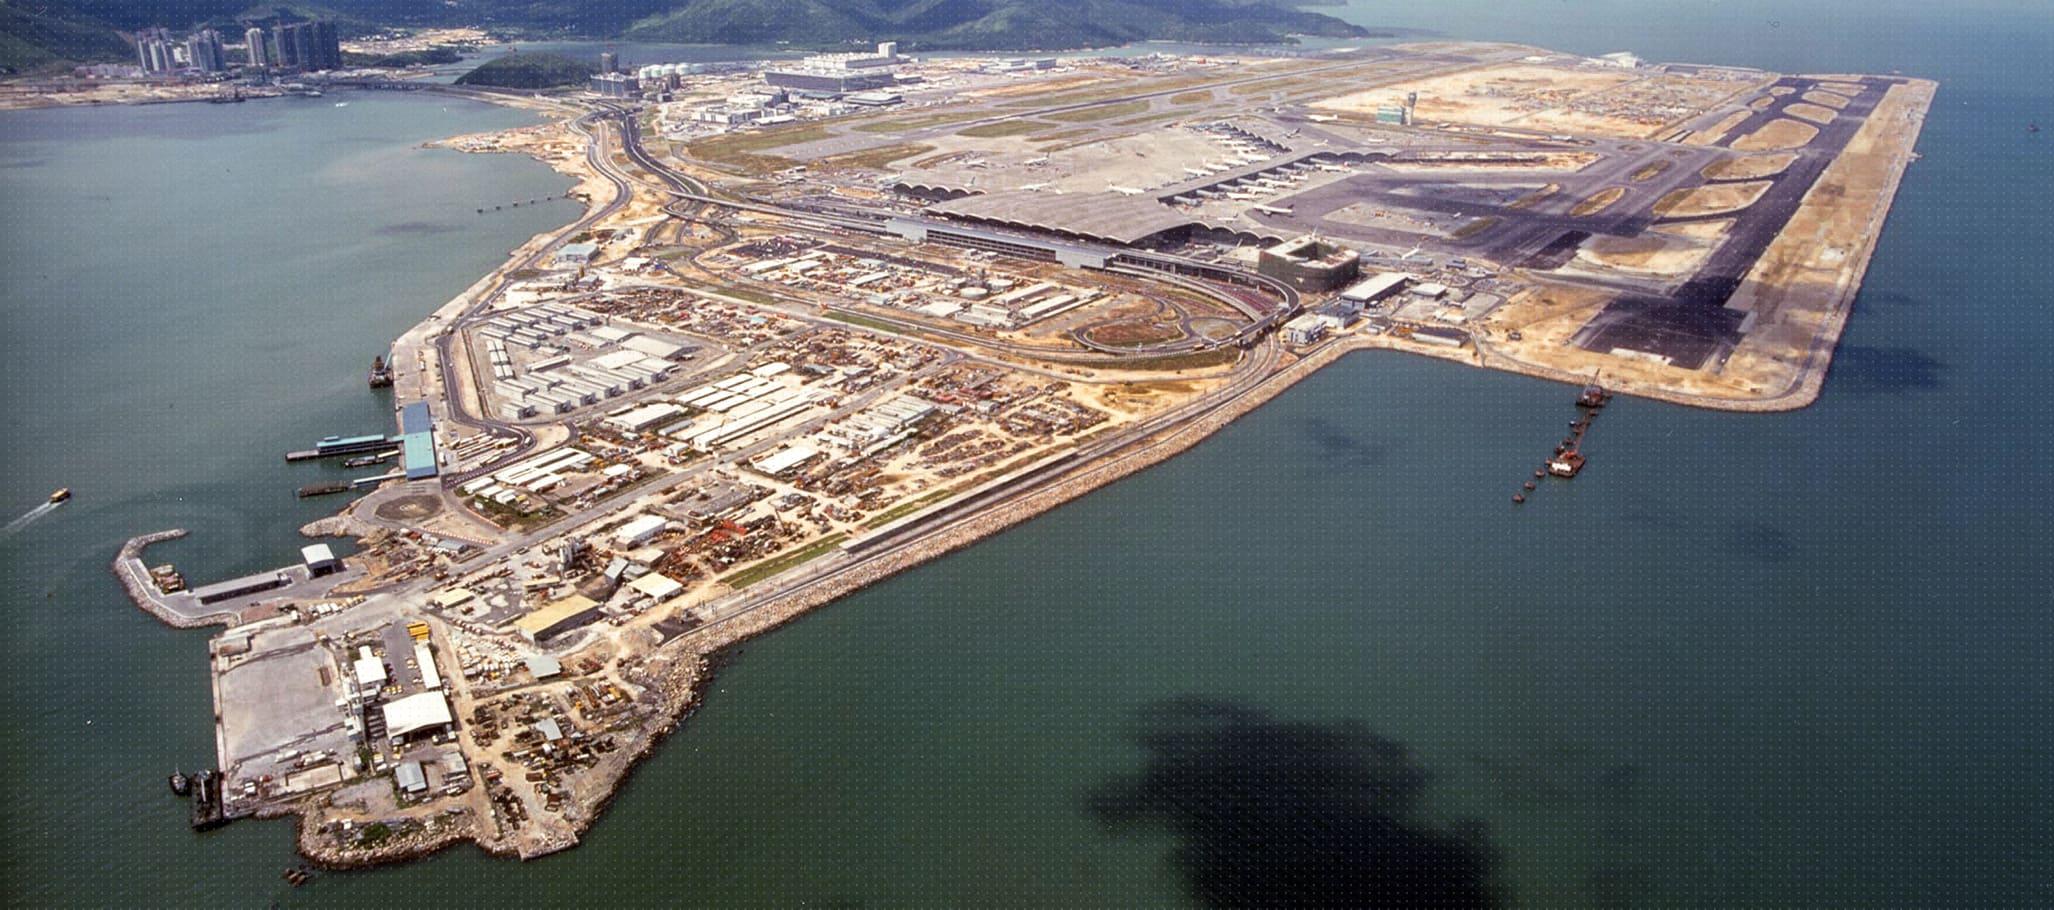 Los aeropuertos de carga a nivel mundial